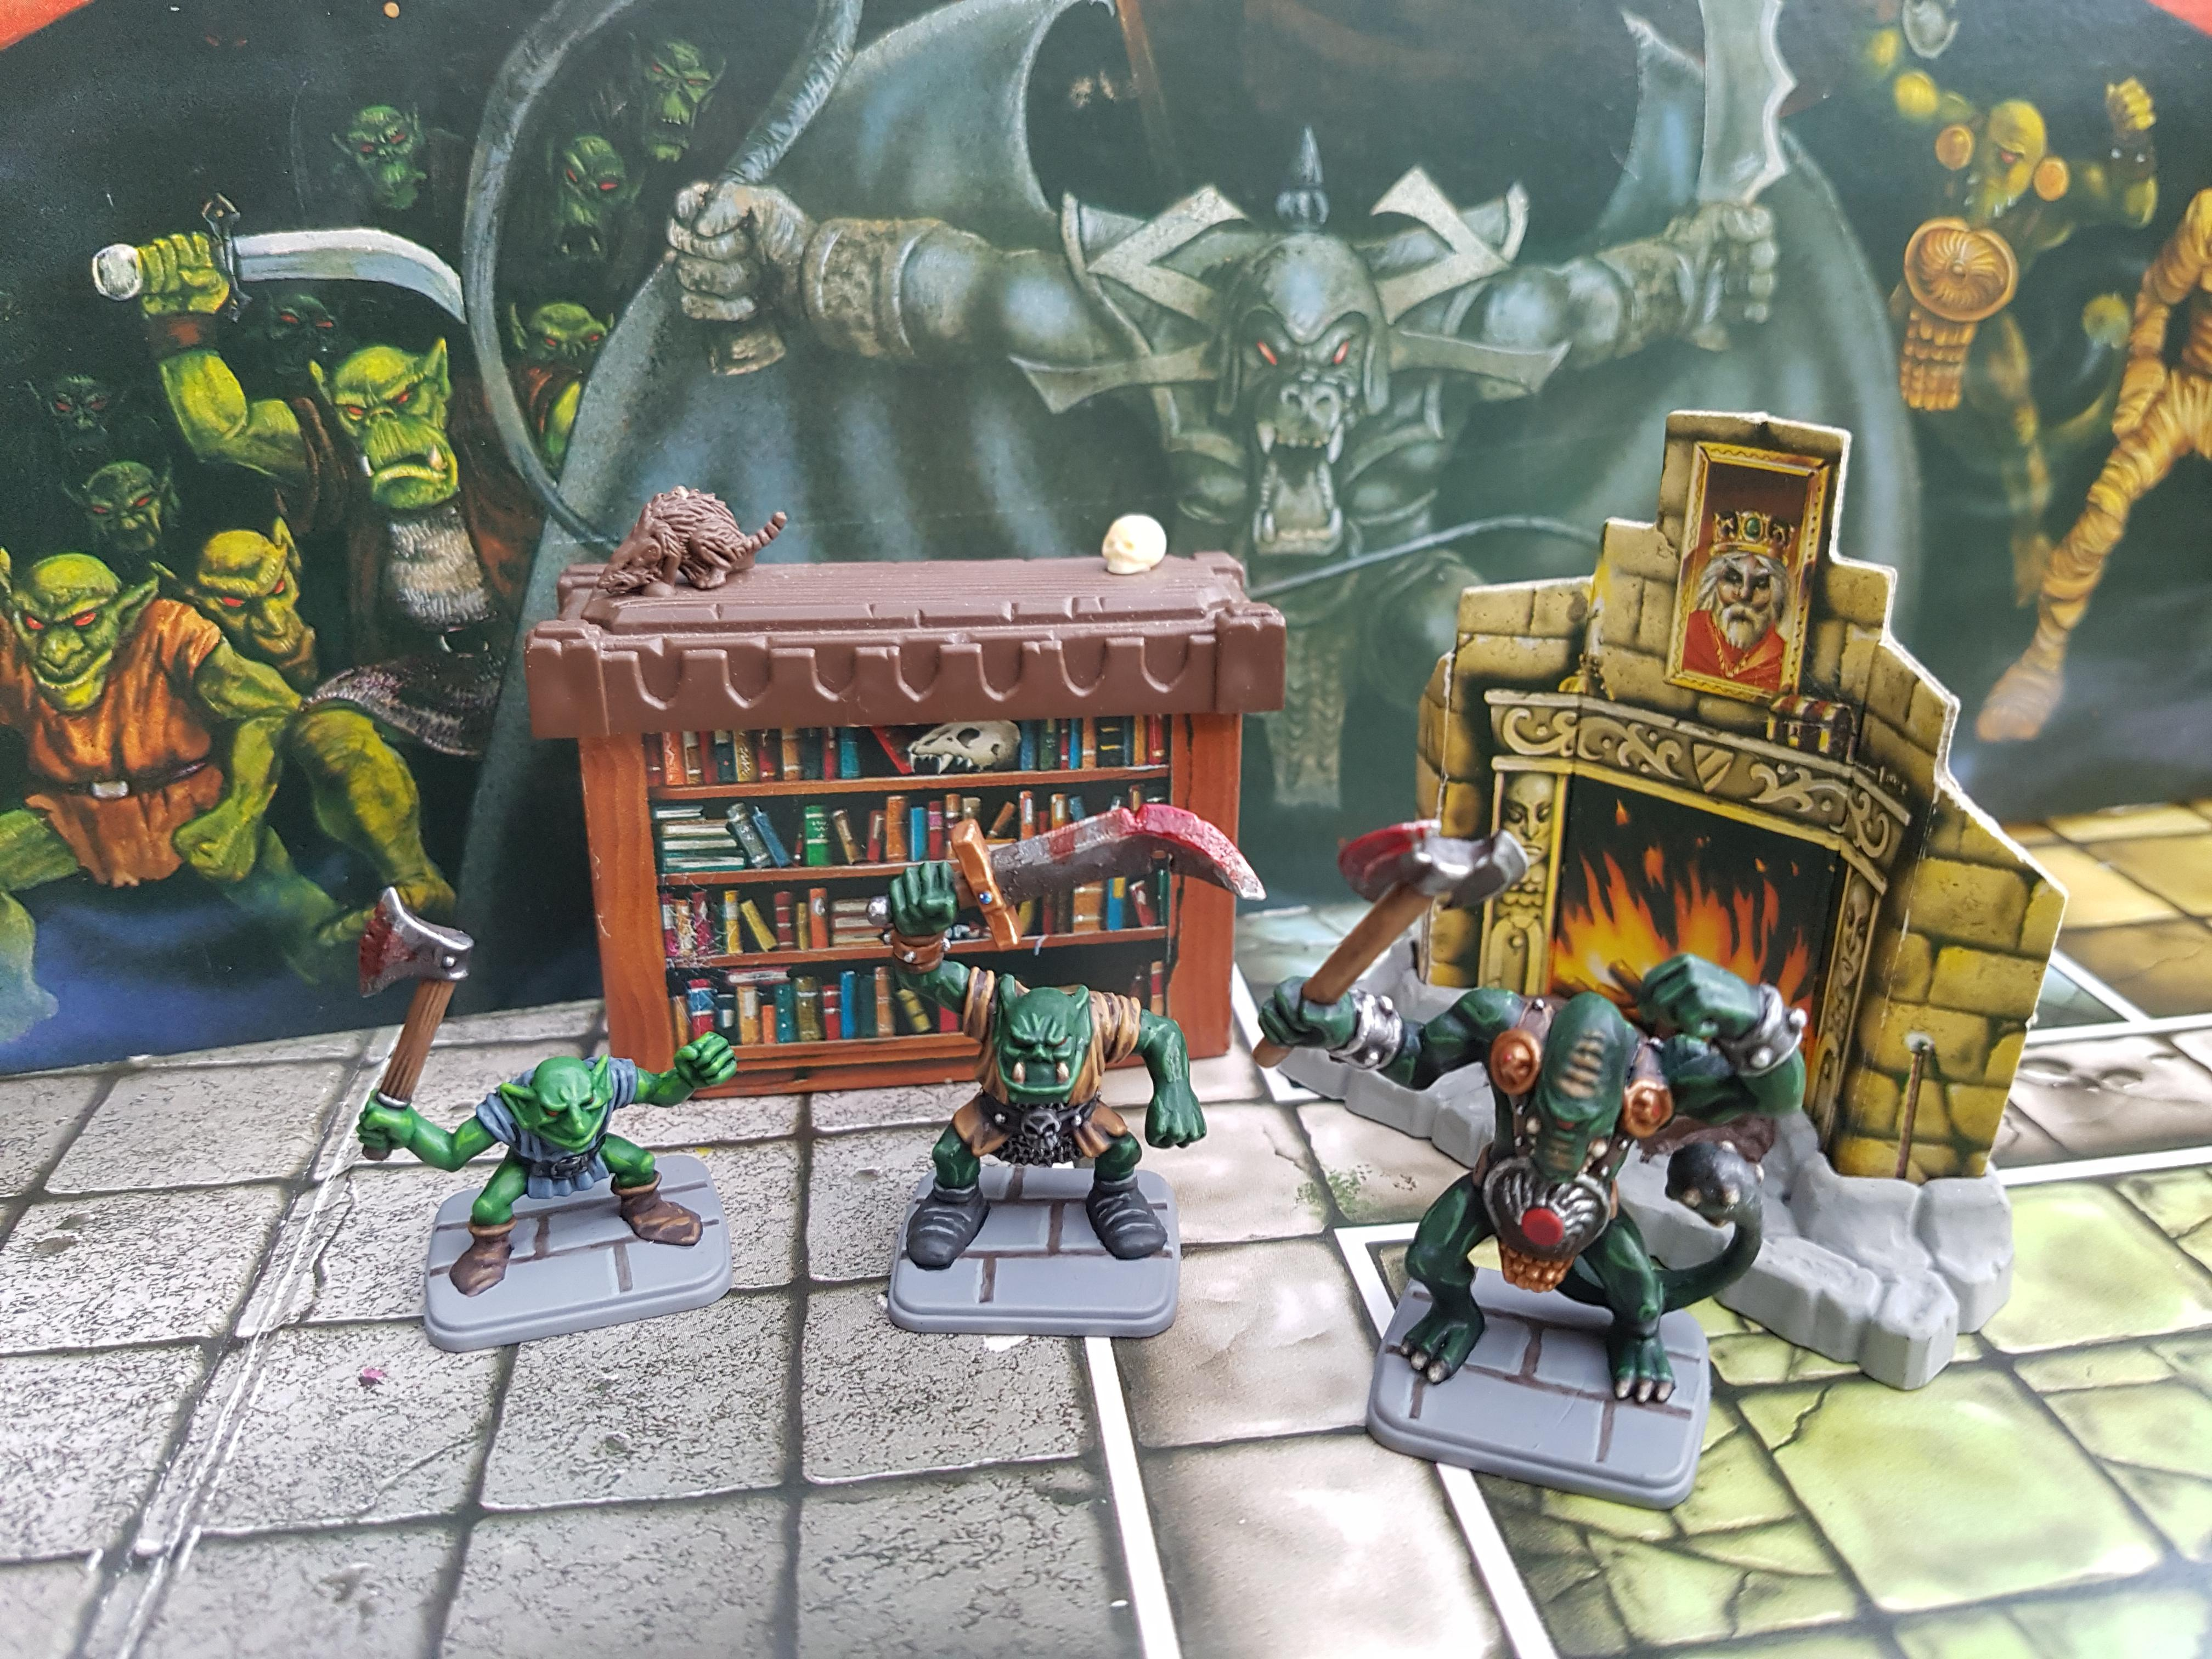 Fimir, Goblins, Hero Quest, Orks